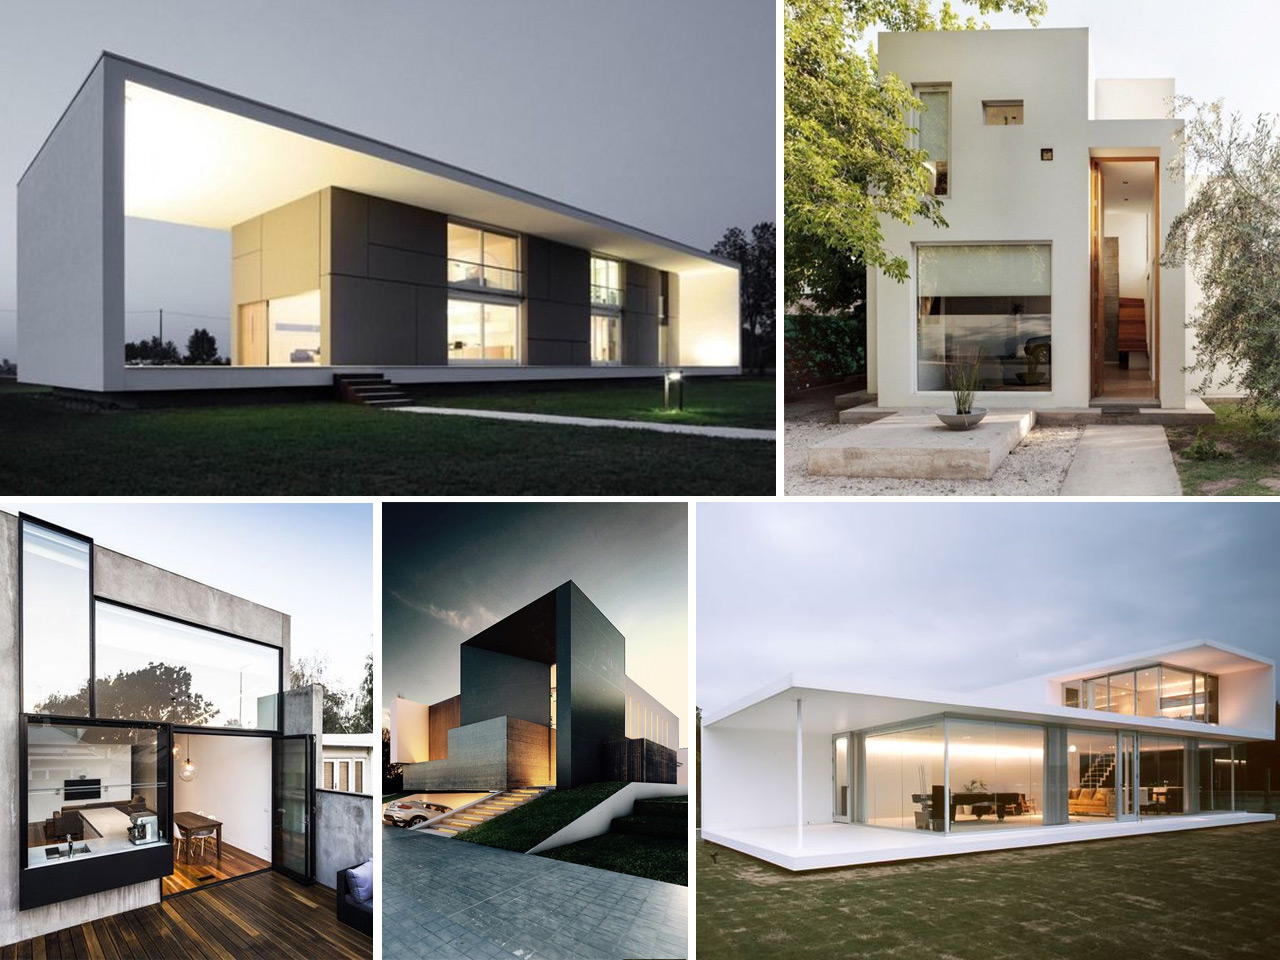 las 6 claves del dise o de casas minimalistas